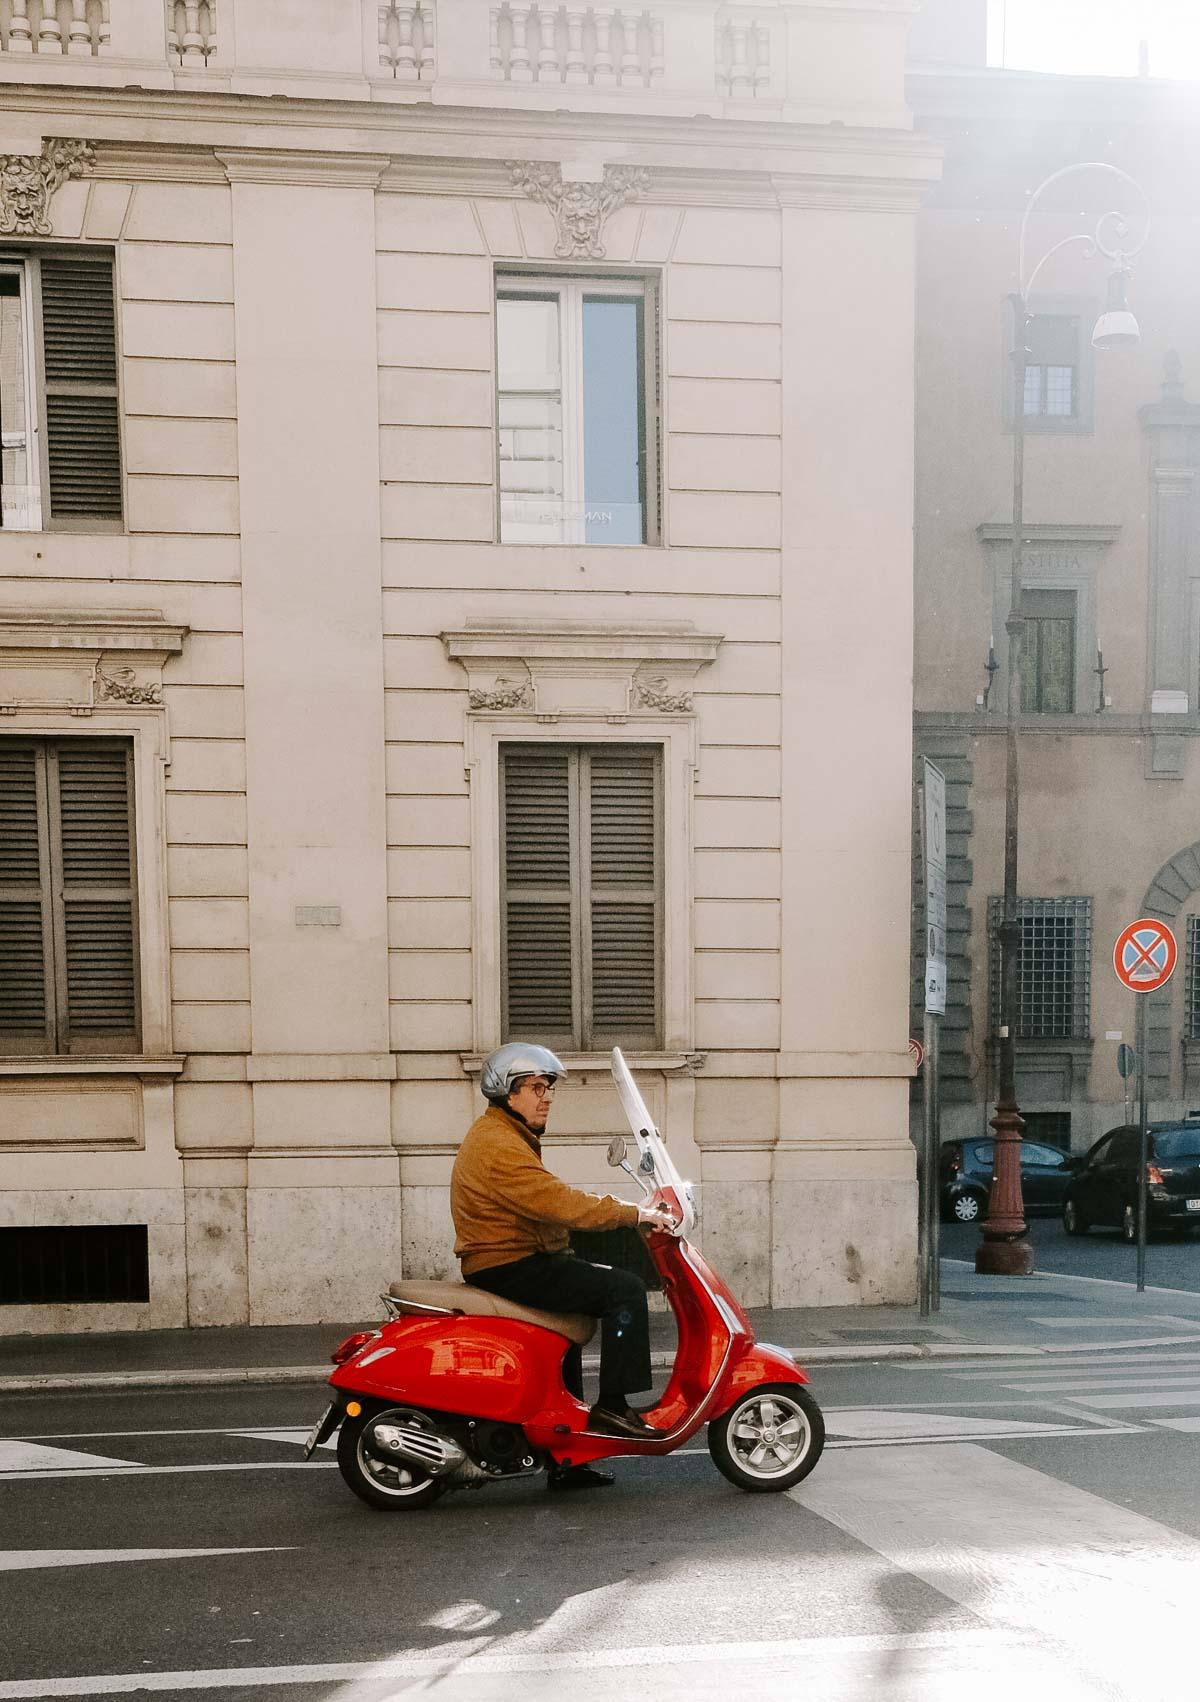 vespa in Rome, Italy